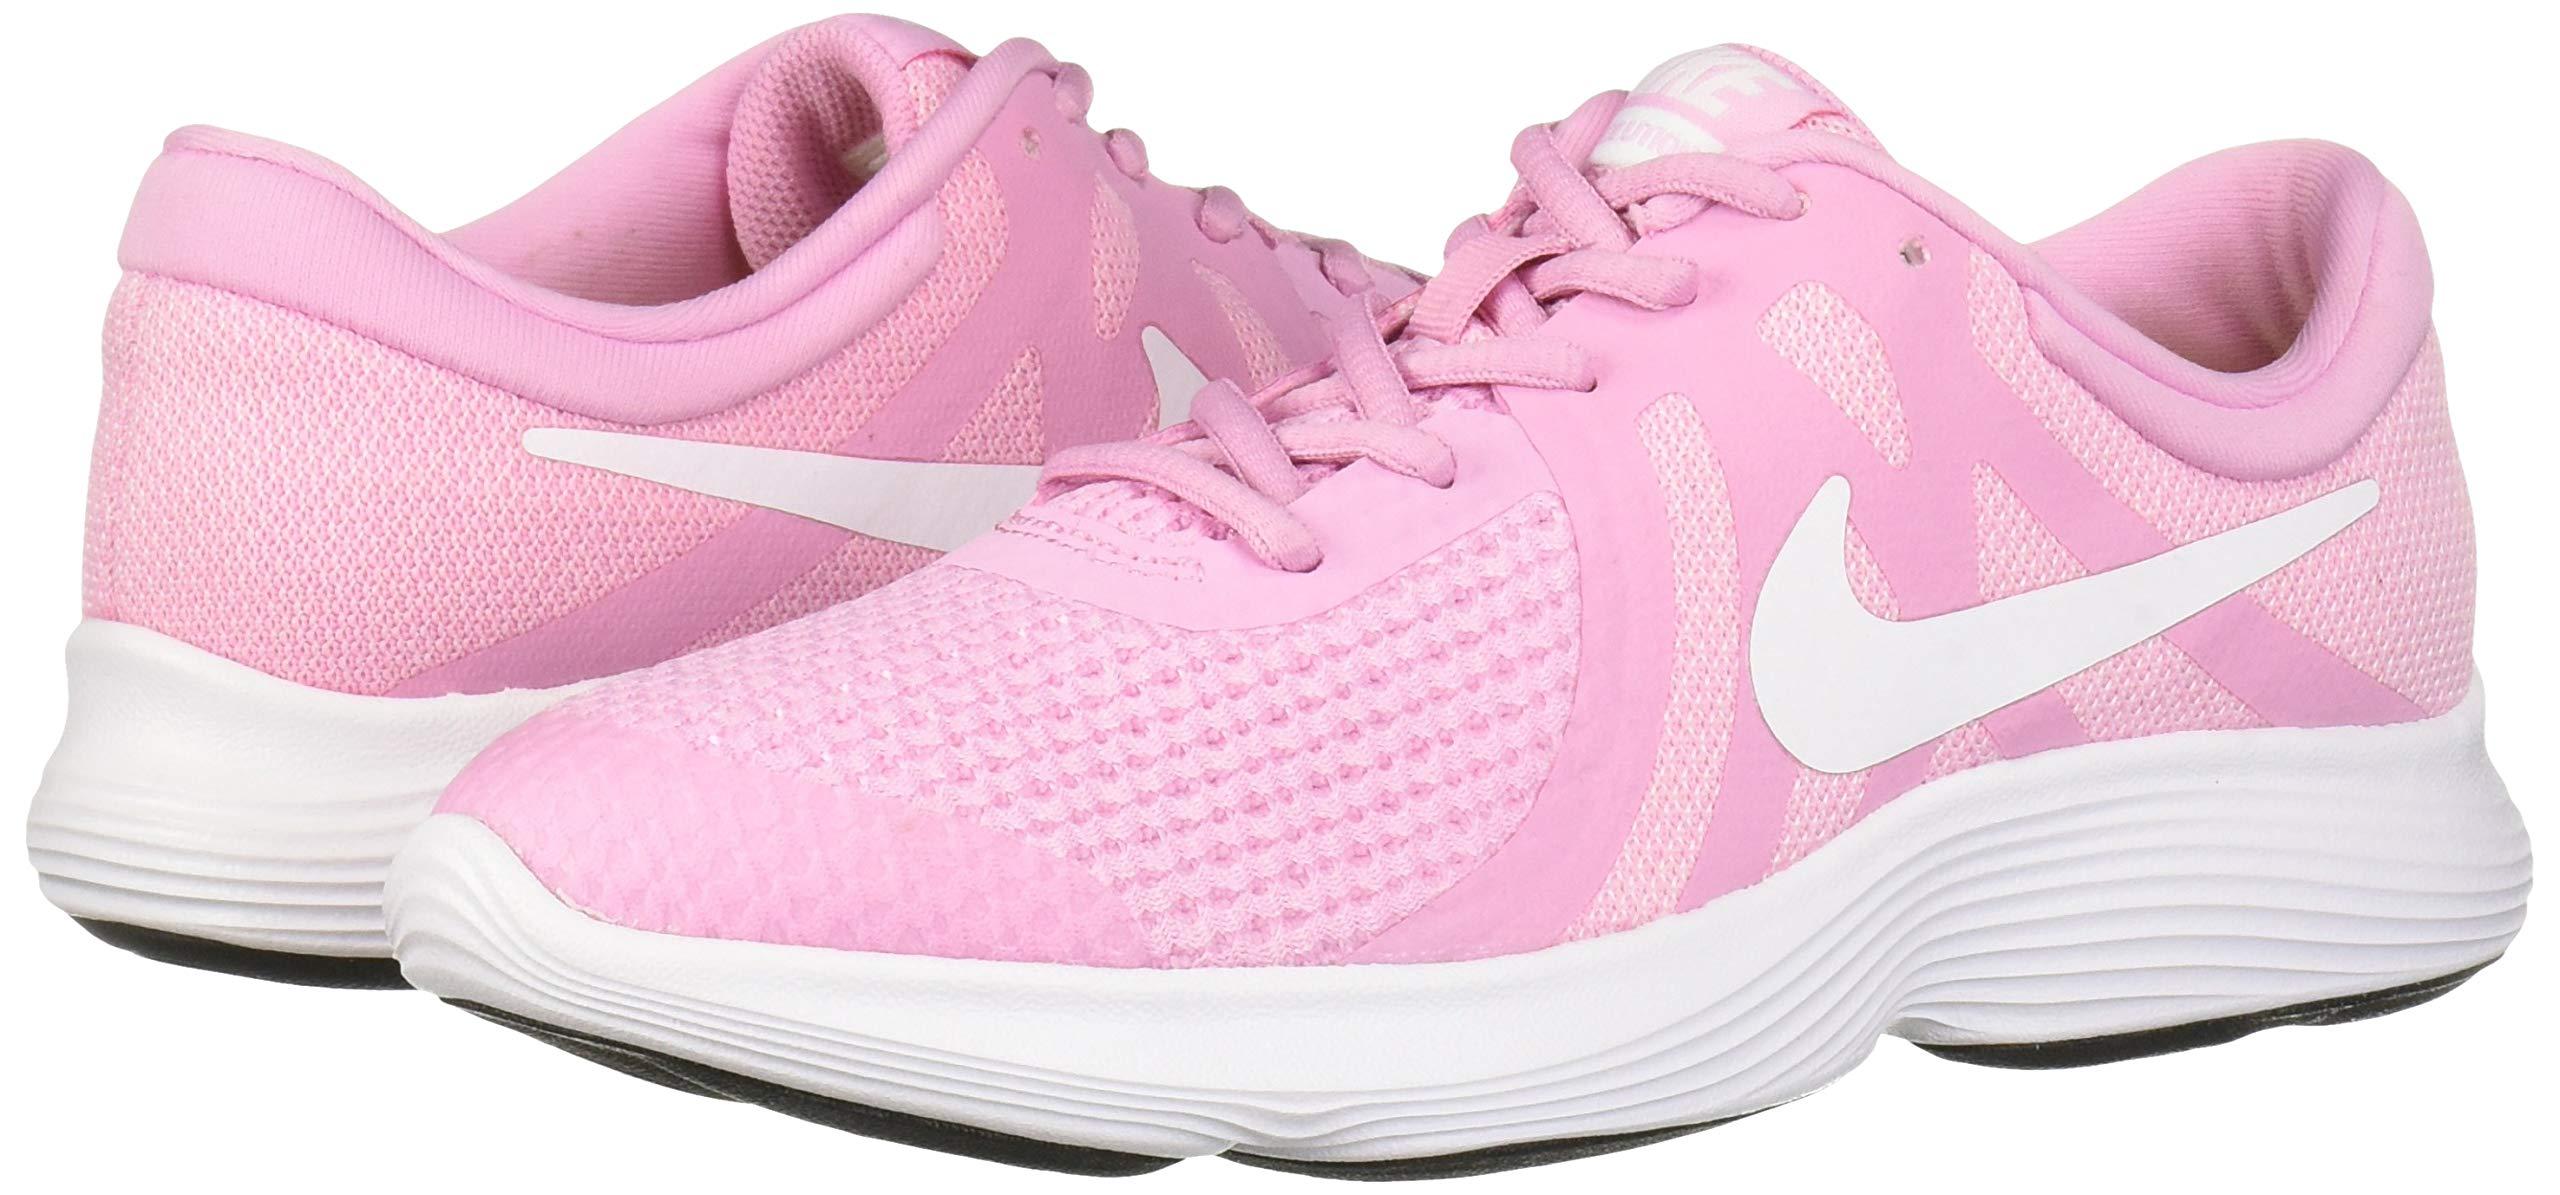 Nike Revolution 4 (GS), Zapatillas para Niñas, Rosa (Pink Rise/White/Pink Foam/Black 603), 38.5 EU: Amazon.es: Deportes y aire libre